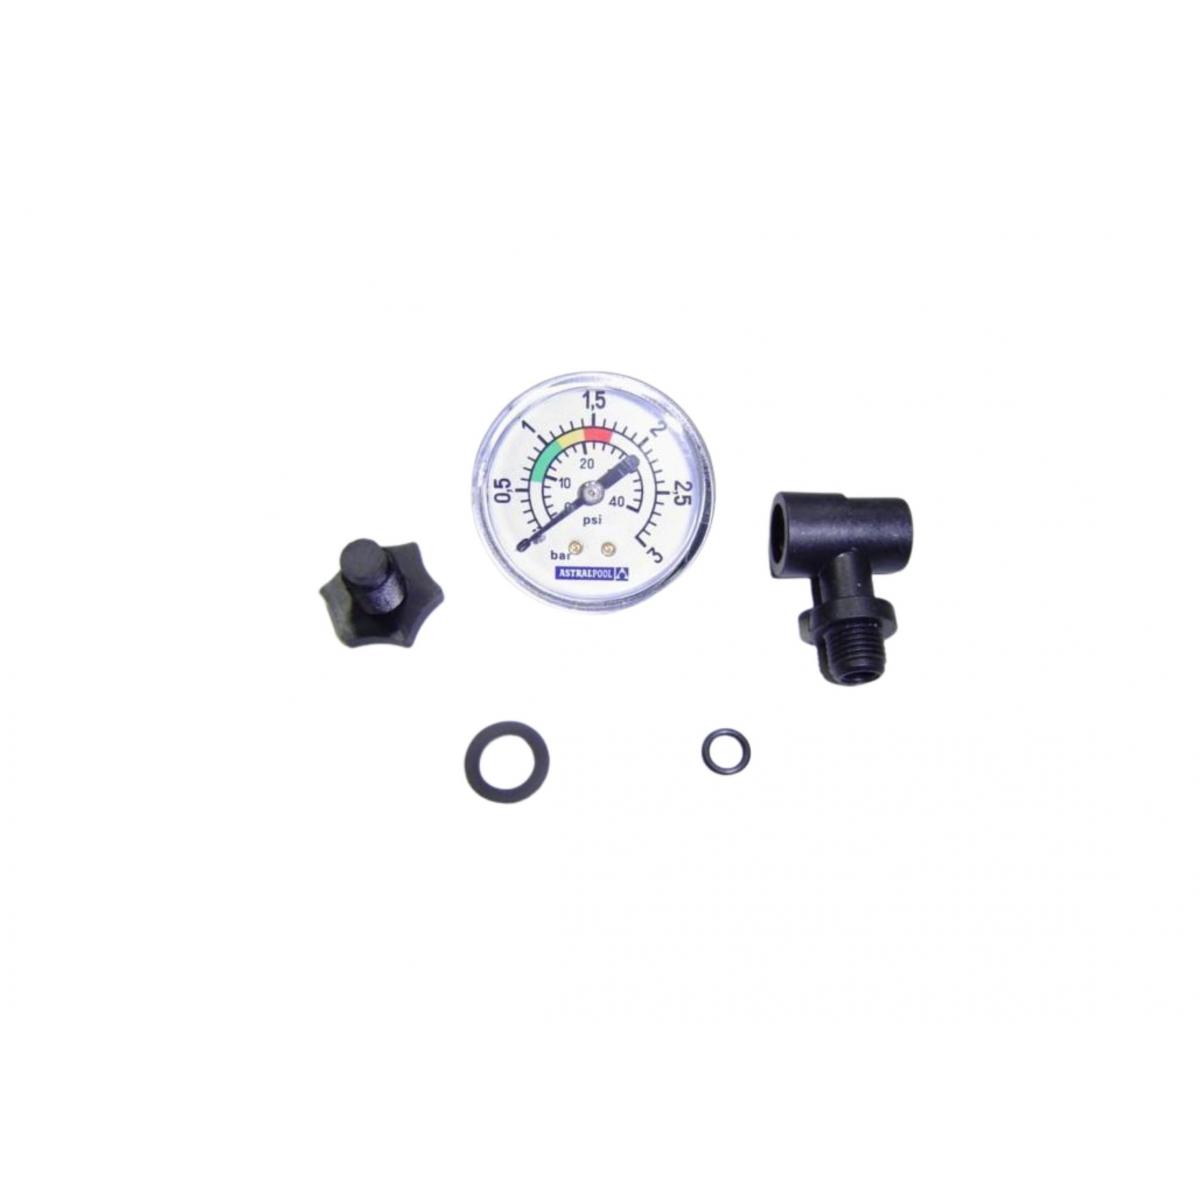 Manómetro completo filtro Cantabric AstralPool 4404080104